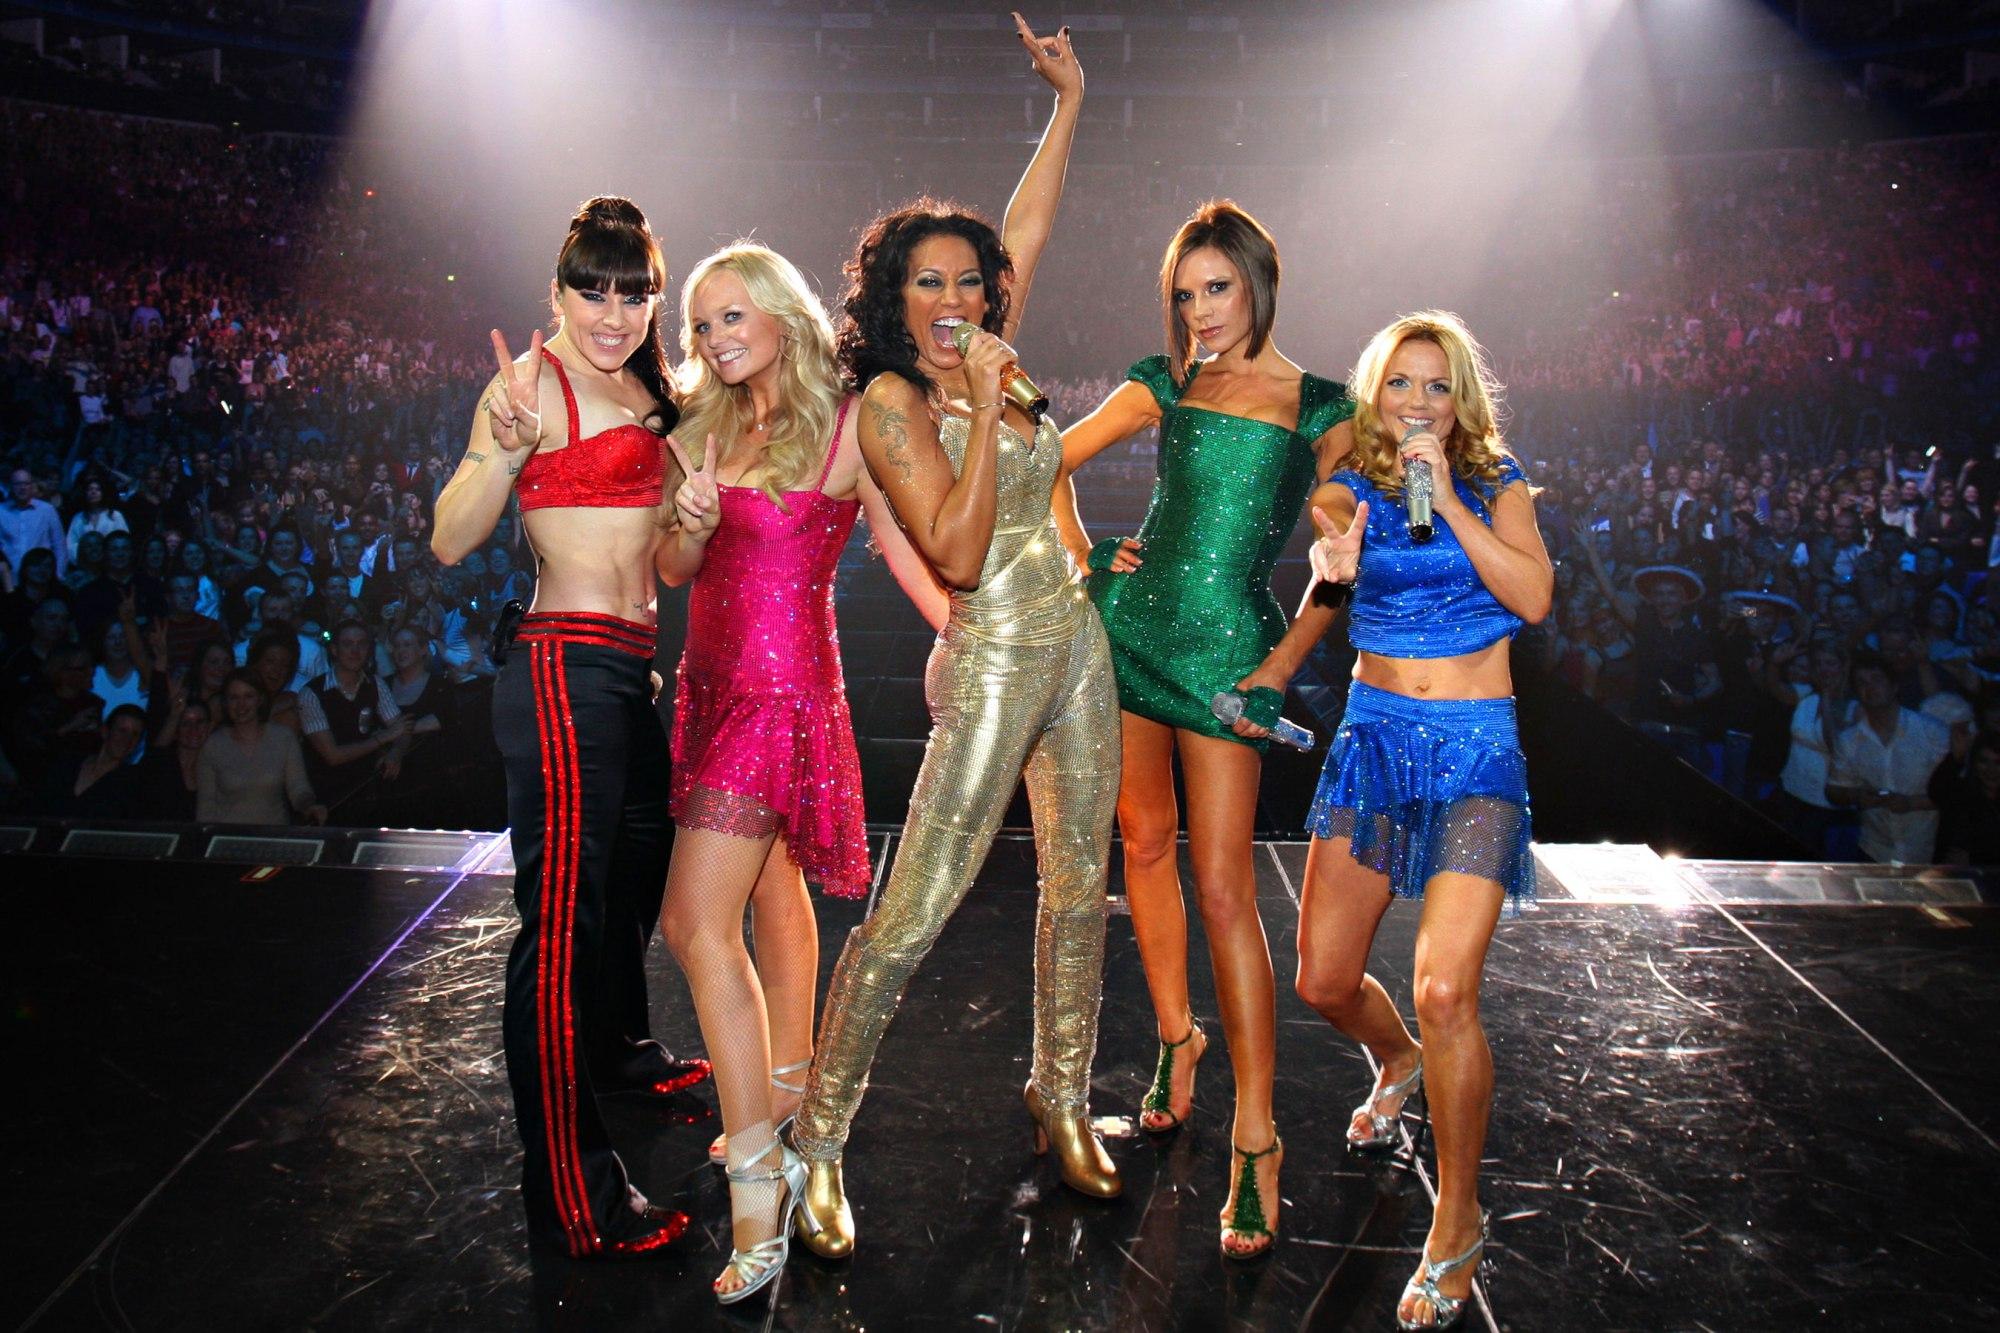 好消息 Spice Girls 合體開唱是真的 不過可能會少一位成員